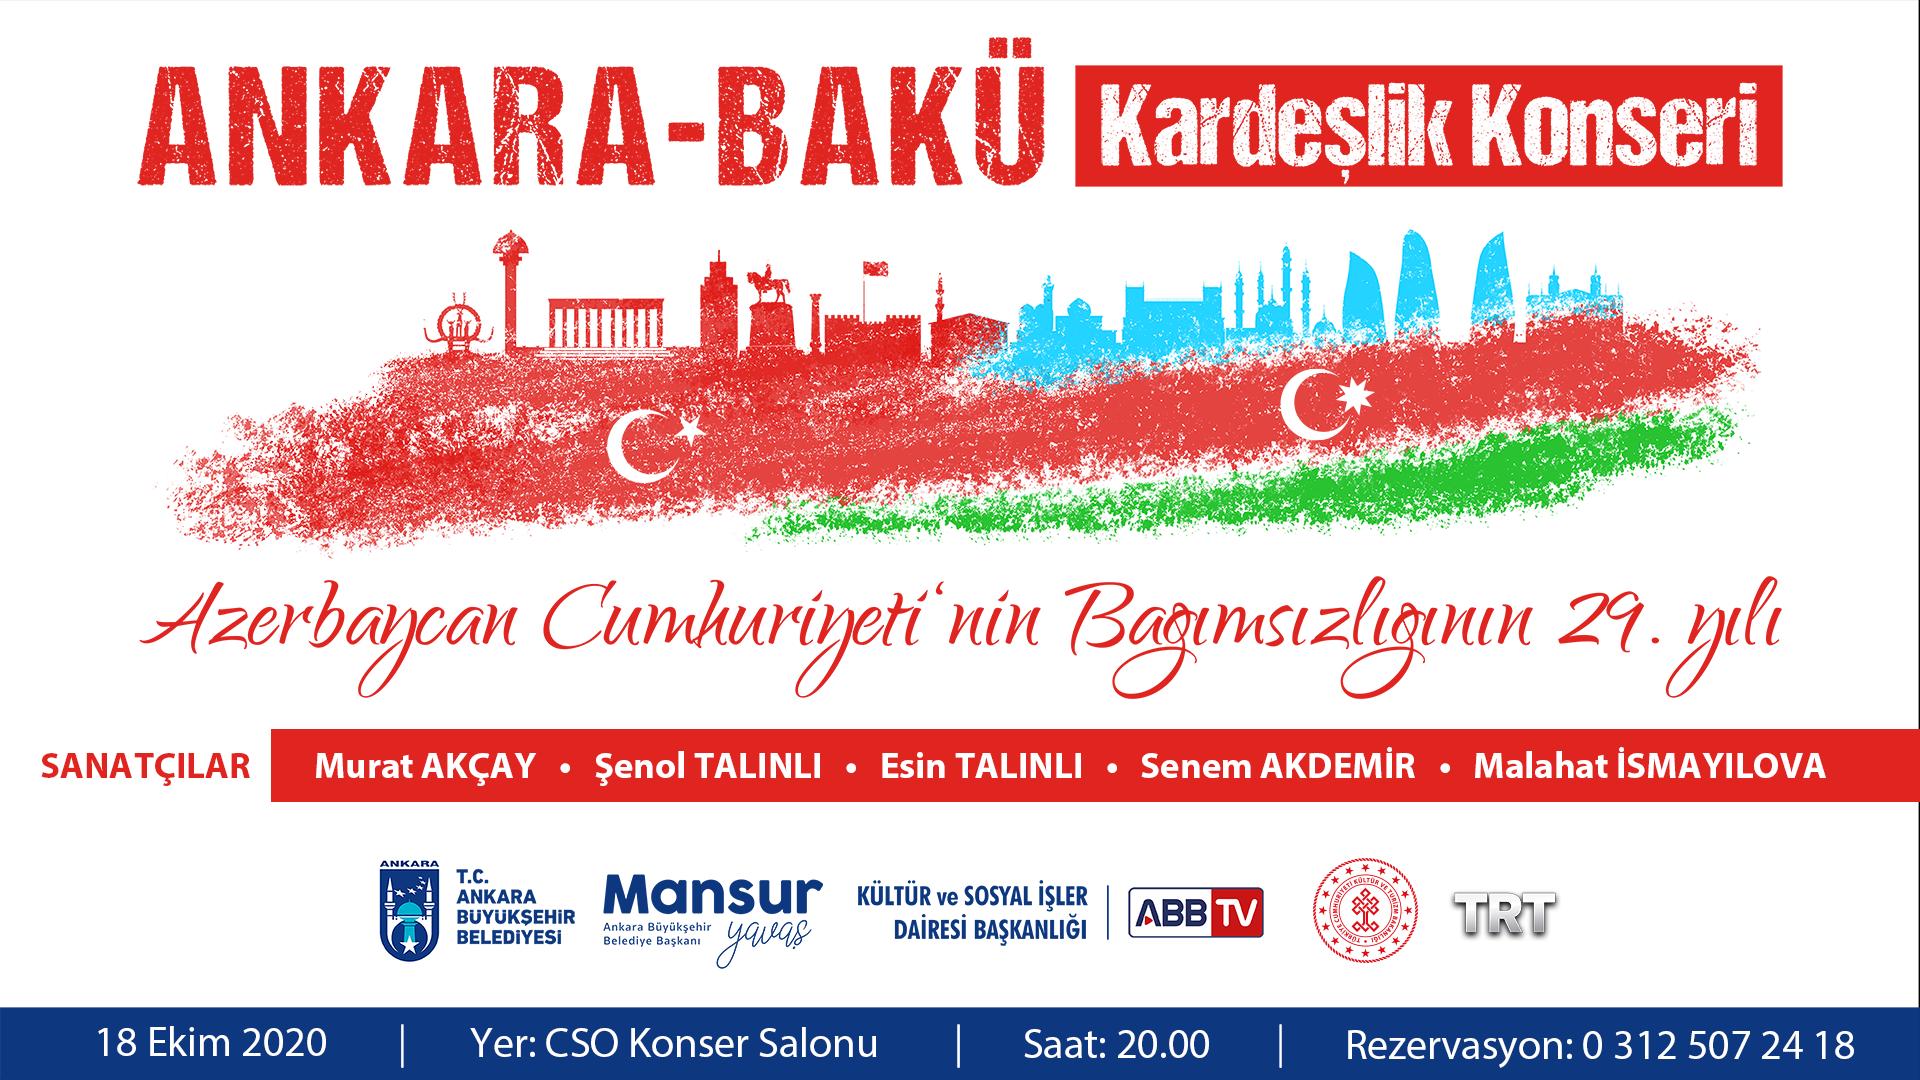 Ankara-Bakü Kardeşlik Konseri Azerbaycan Cumhuriyeti'nin Bağımsızlığının 29. Yılı